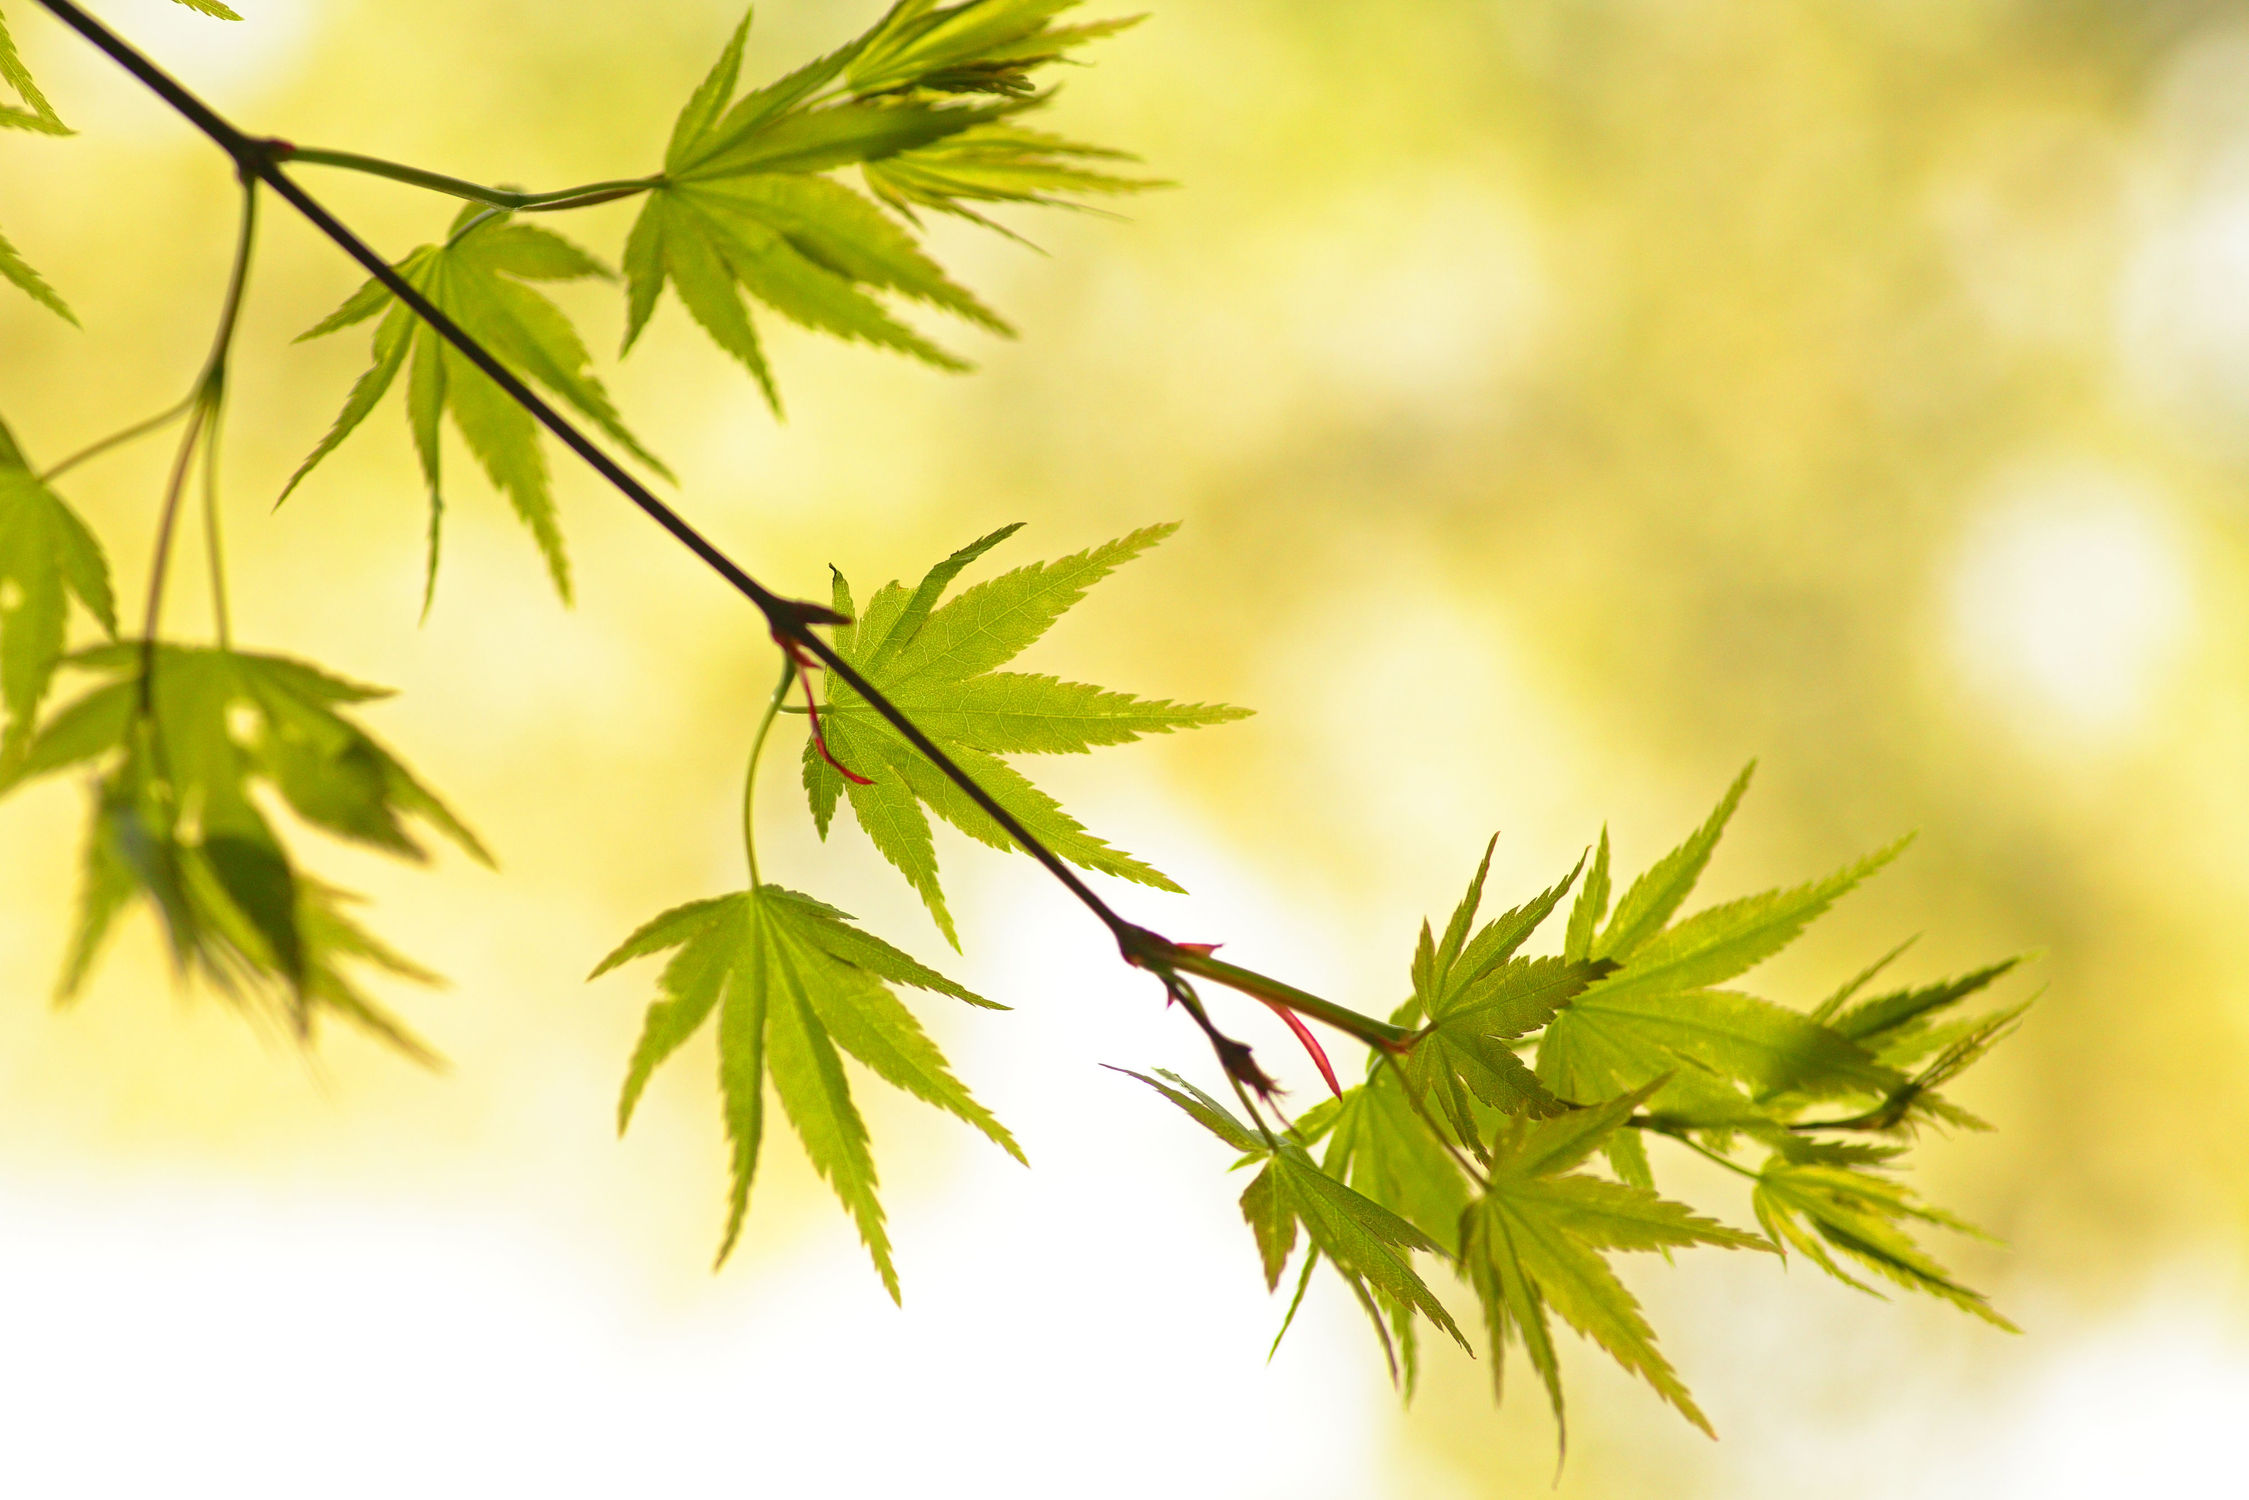 Bild mit Natur, Grün, Baum, Pflanze, frisch, Ast, Leben, Ahorn